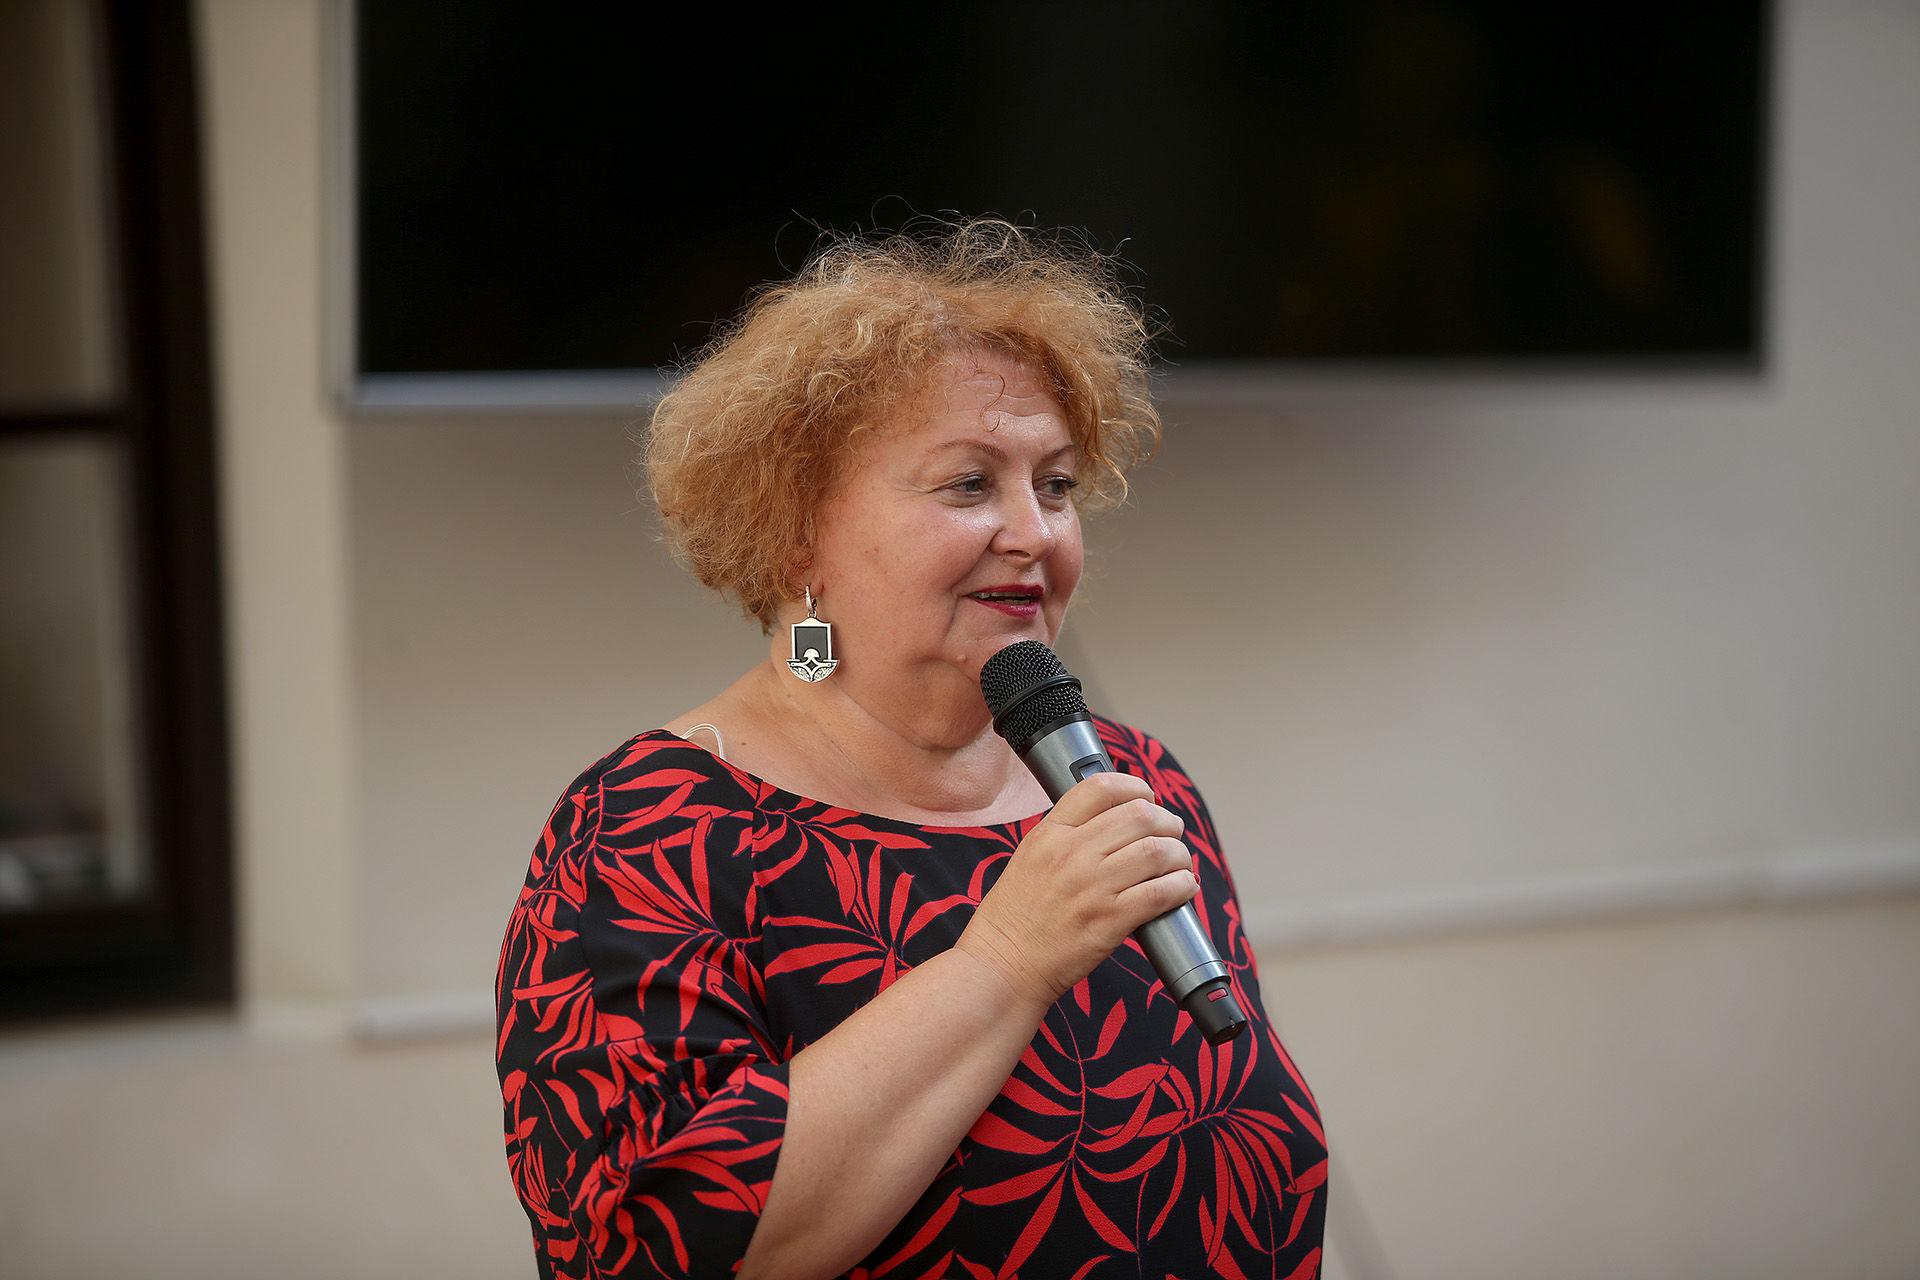 """Šviesiosios gimnazijos direktorė Violeta Liutkienė: """"Sėkmės ir lyderystės mokyklos tikslas lieka tas pats. Tai – emocinį, dvasinį ir fizinį intelektą ugdanti programa.""""  / Algimanto Barzdžiaus nuotr."""